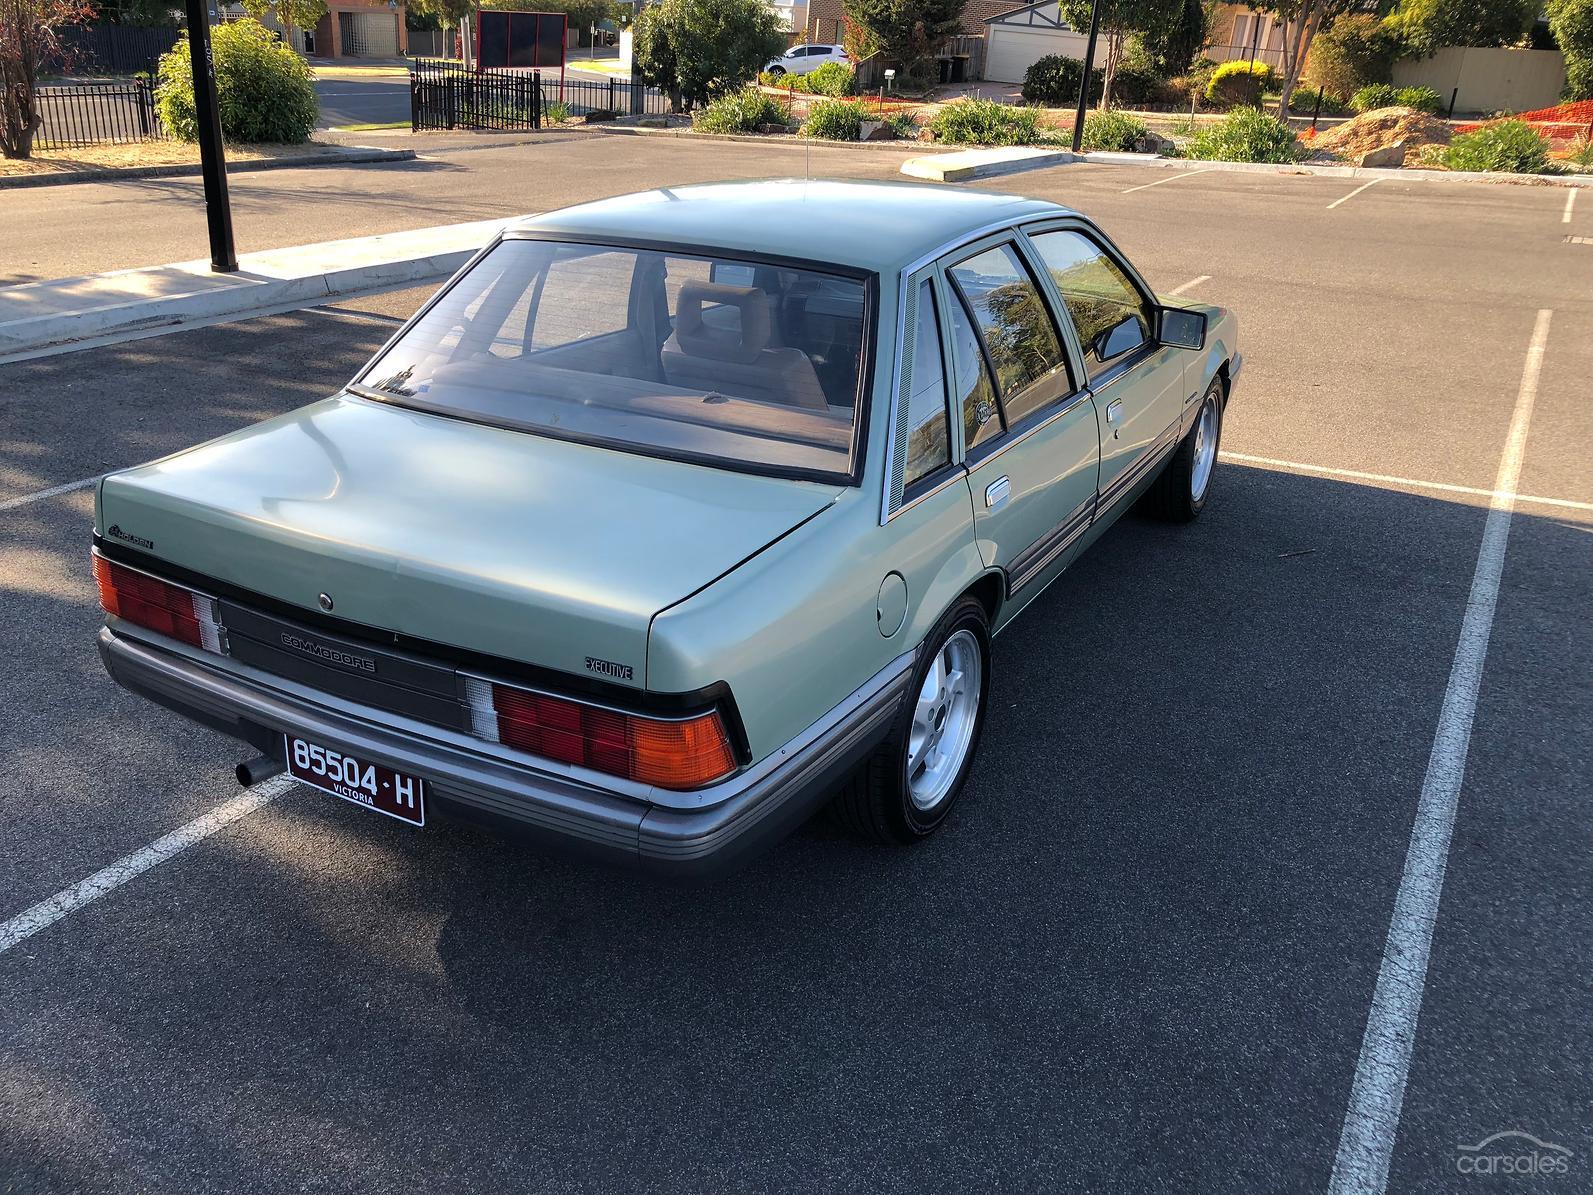 1986 Holden Commodore Executive VL Auto-SSE-AD-6009106